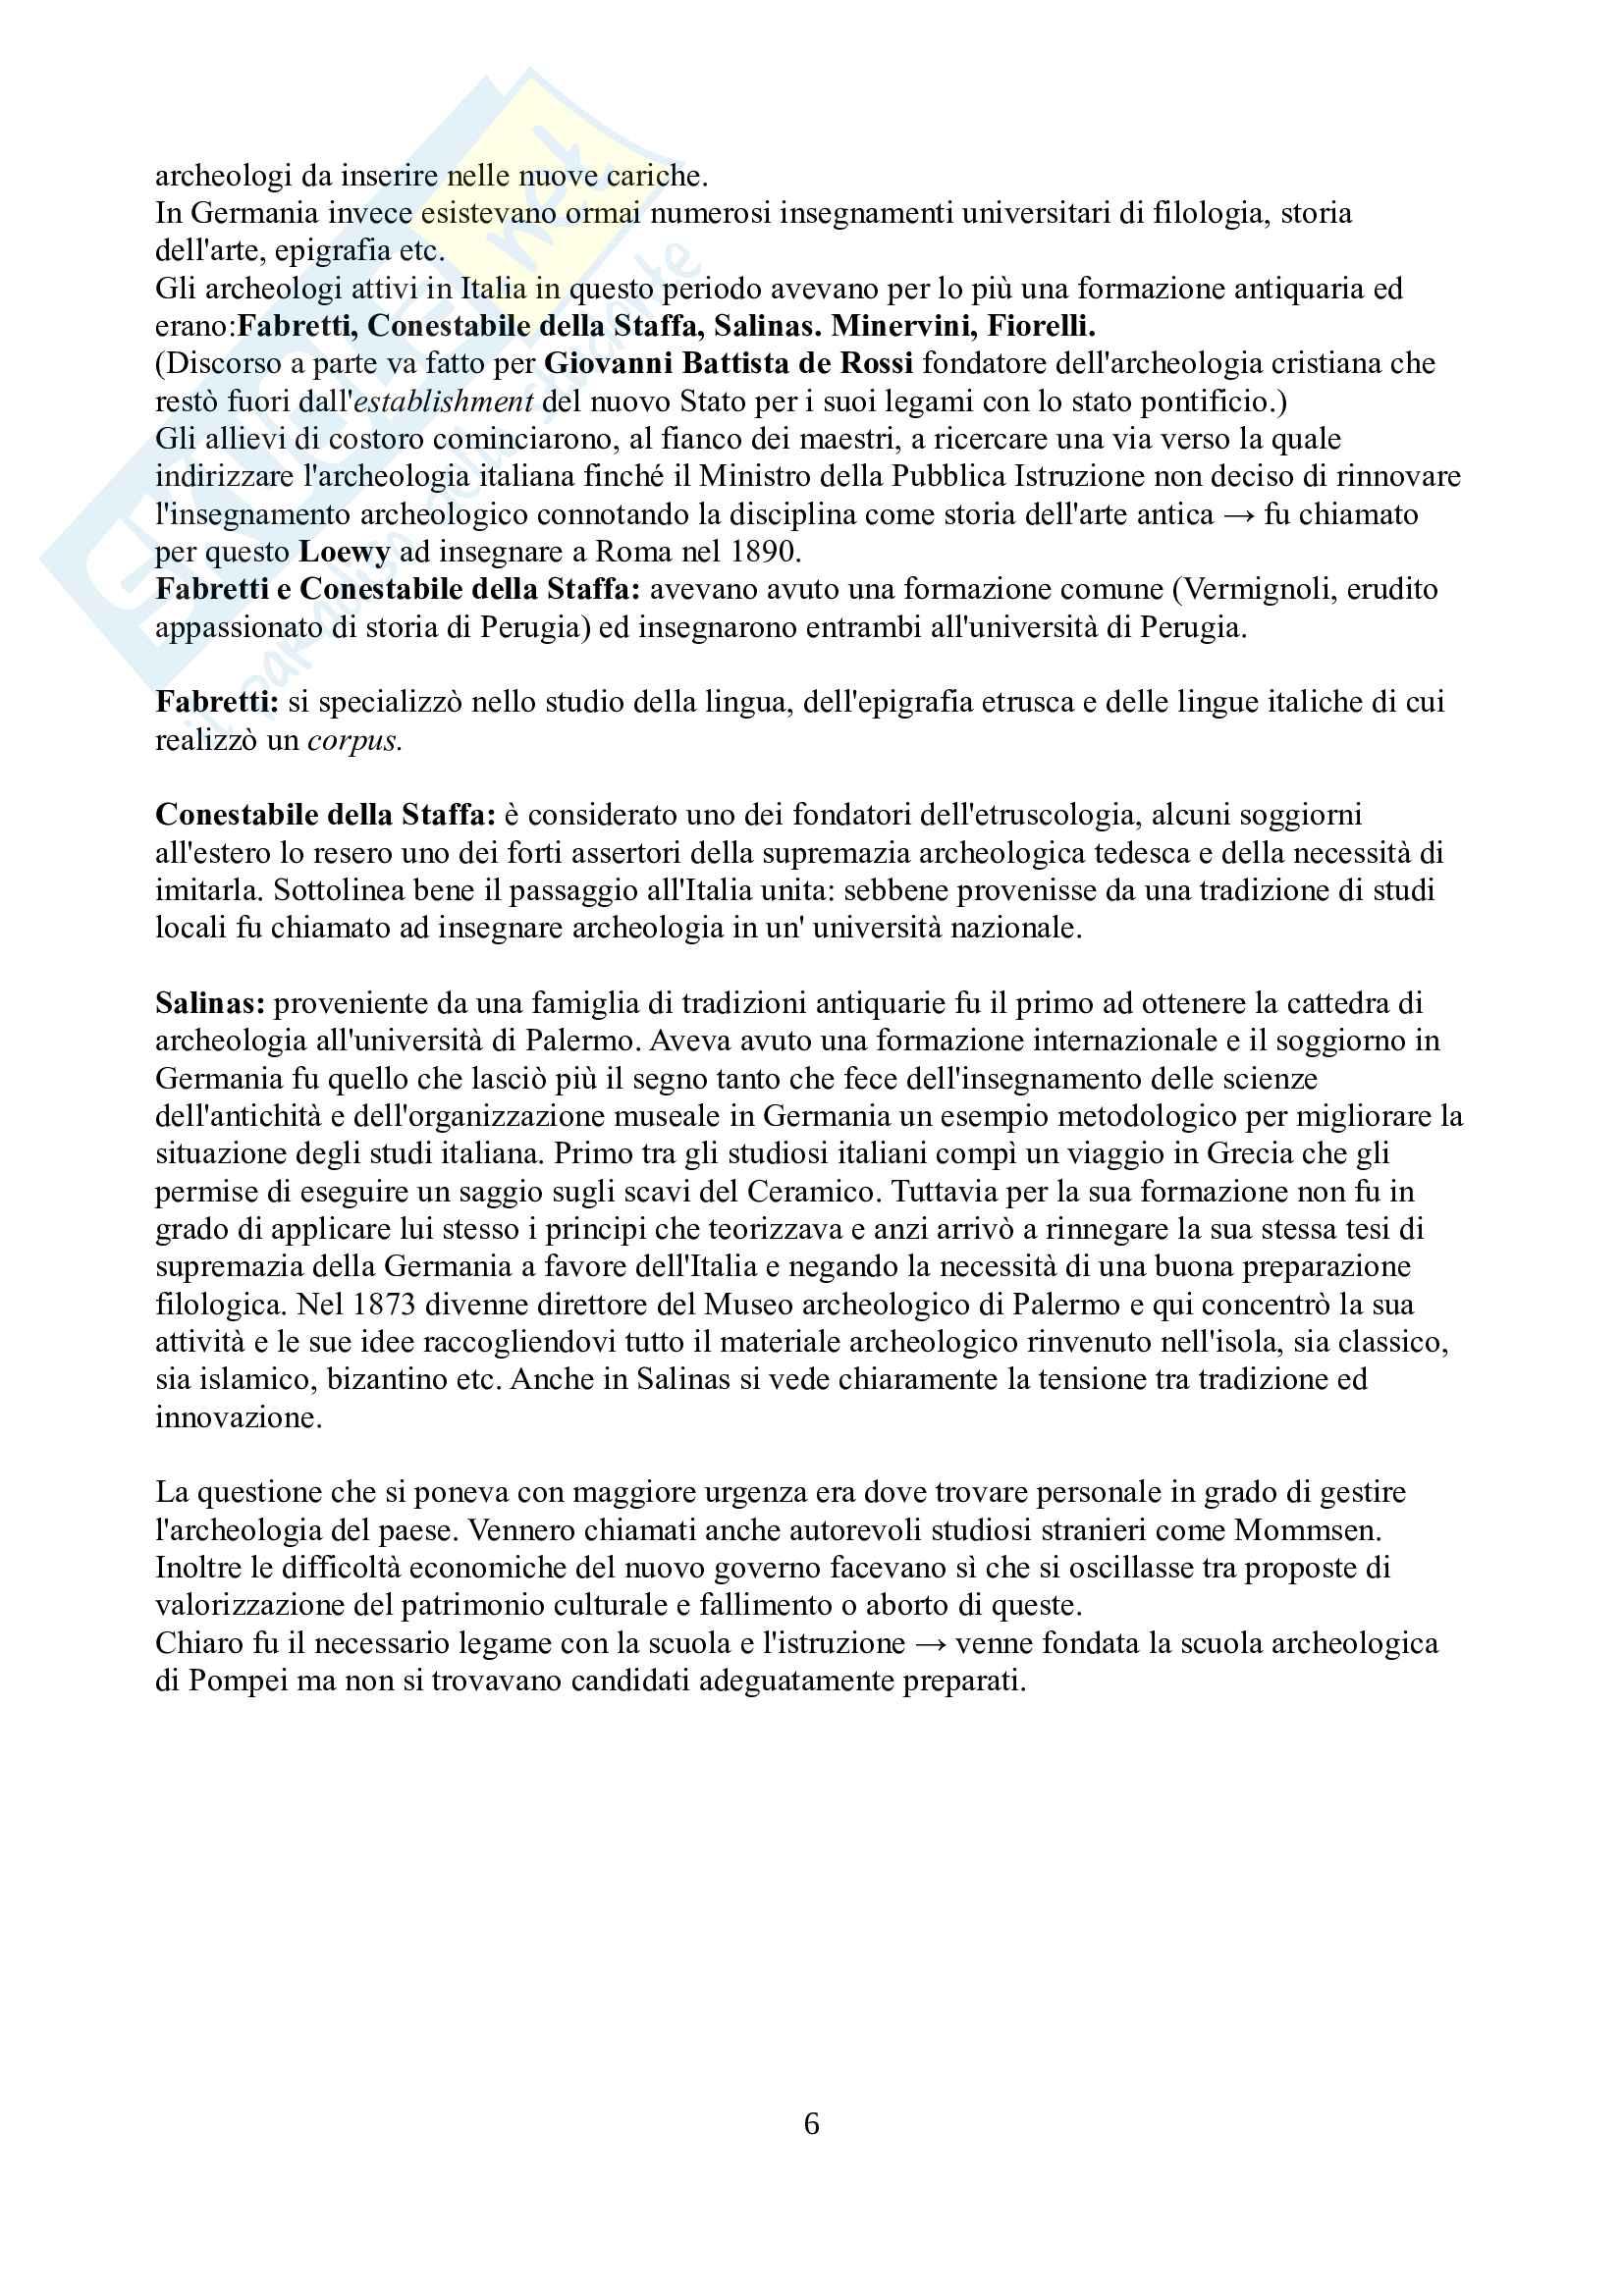 Riassunto esame Archeologia e storia dell'arte greca e romana, prof. Barbanera, libro consigliato Storia dell'archeologia classica, Barbanera Pag. 6